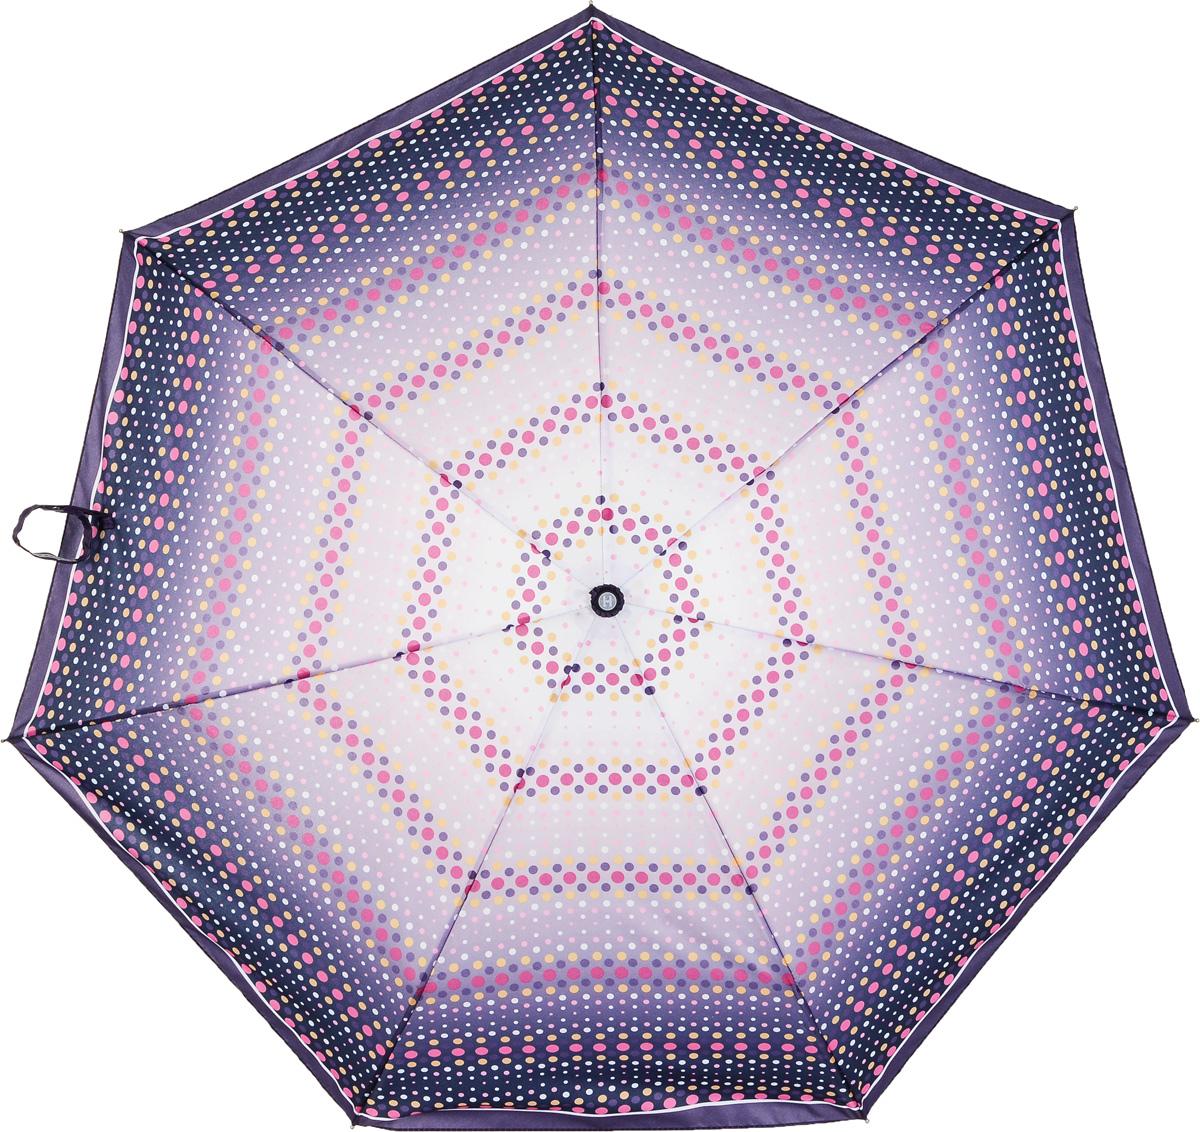 Зонт женский Henry Backer, 3 сложения, цвет: фиолетовый. U26203 PeasБусы-ниткаНарядный женский зонт «Горох», автоматНаряду со сталью для каркаса использован алюминий и фибергласс, поэтому зонт достаточно легкий для зонтов-автоматов.